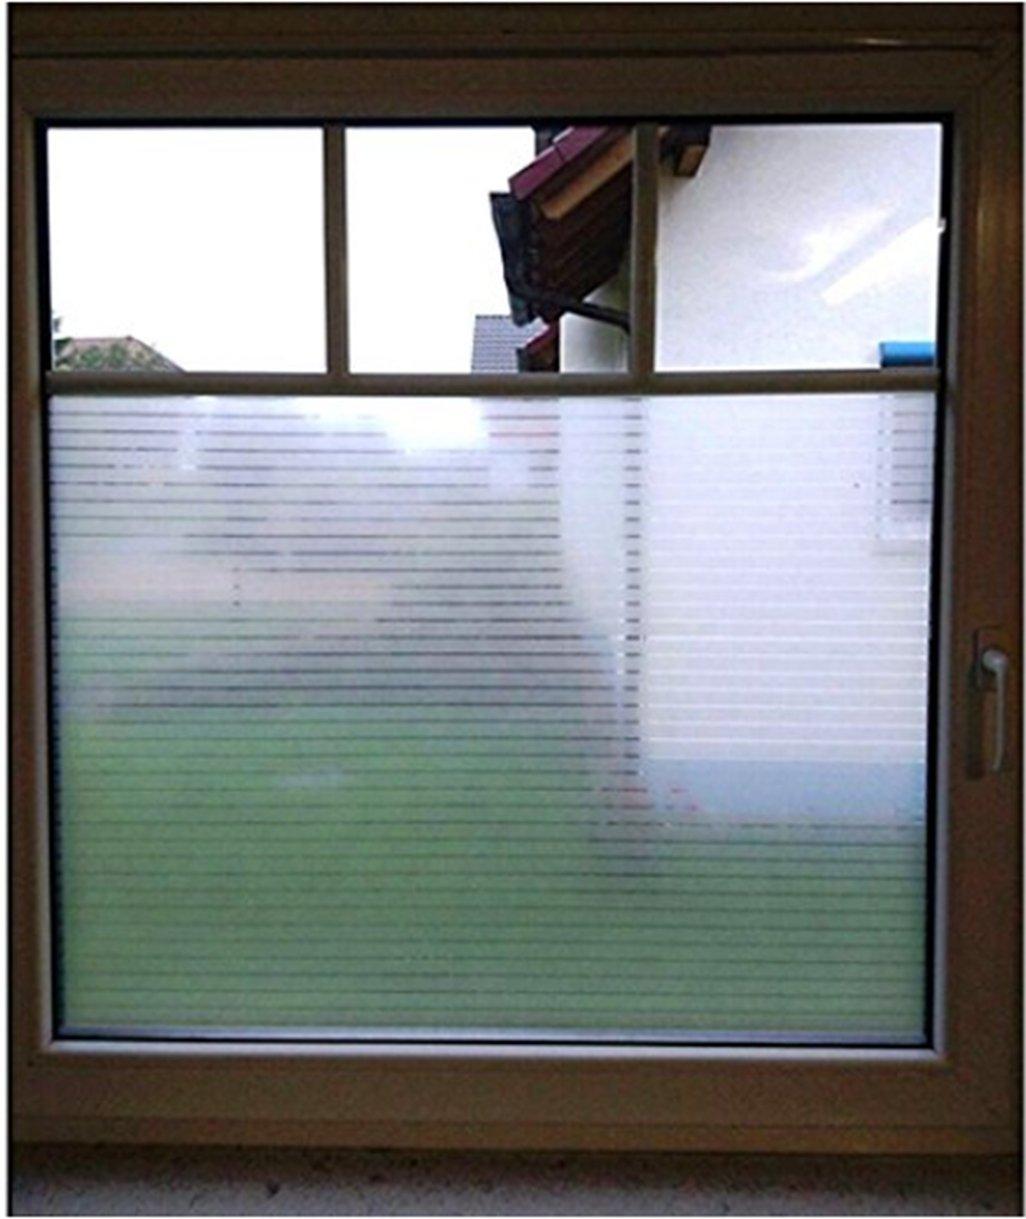 Geseni Fensterfolie Sichtschutzfolie Streifen Statisch Folie